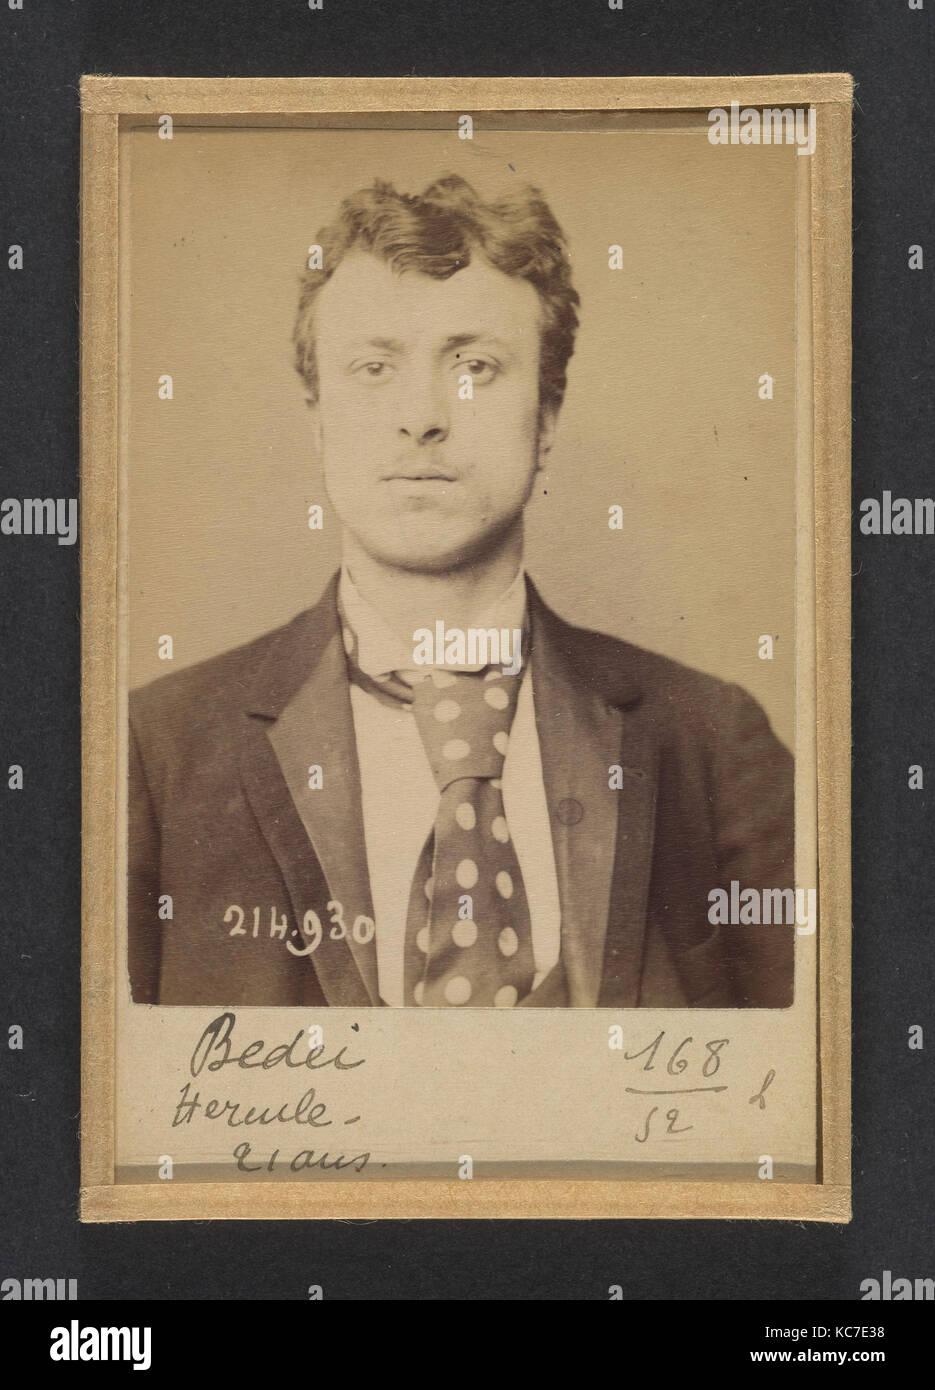 Bedei. Hercule. 21 ans, né à Sorli (Italie). Tailleur d'habits. Anarchiste. 1/3/94., Alphonse Bertillon, - Stock Image